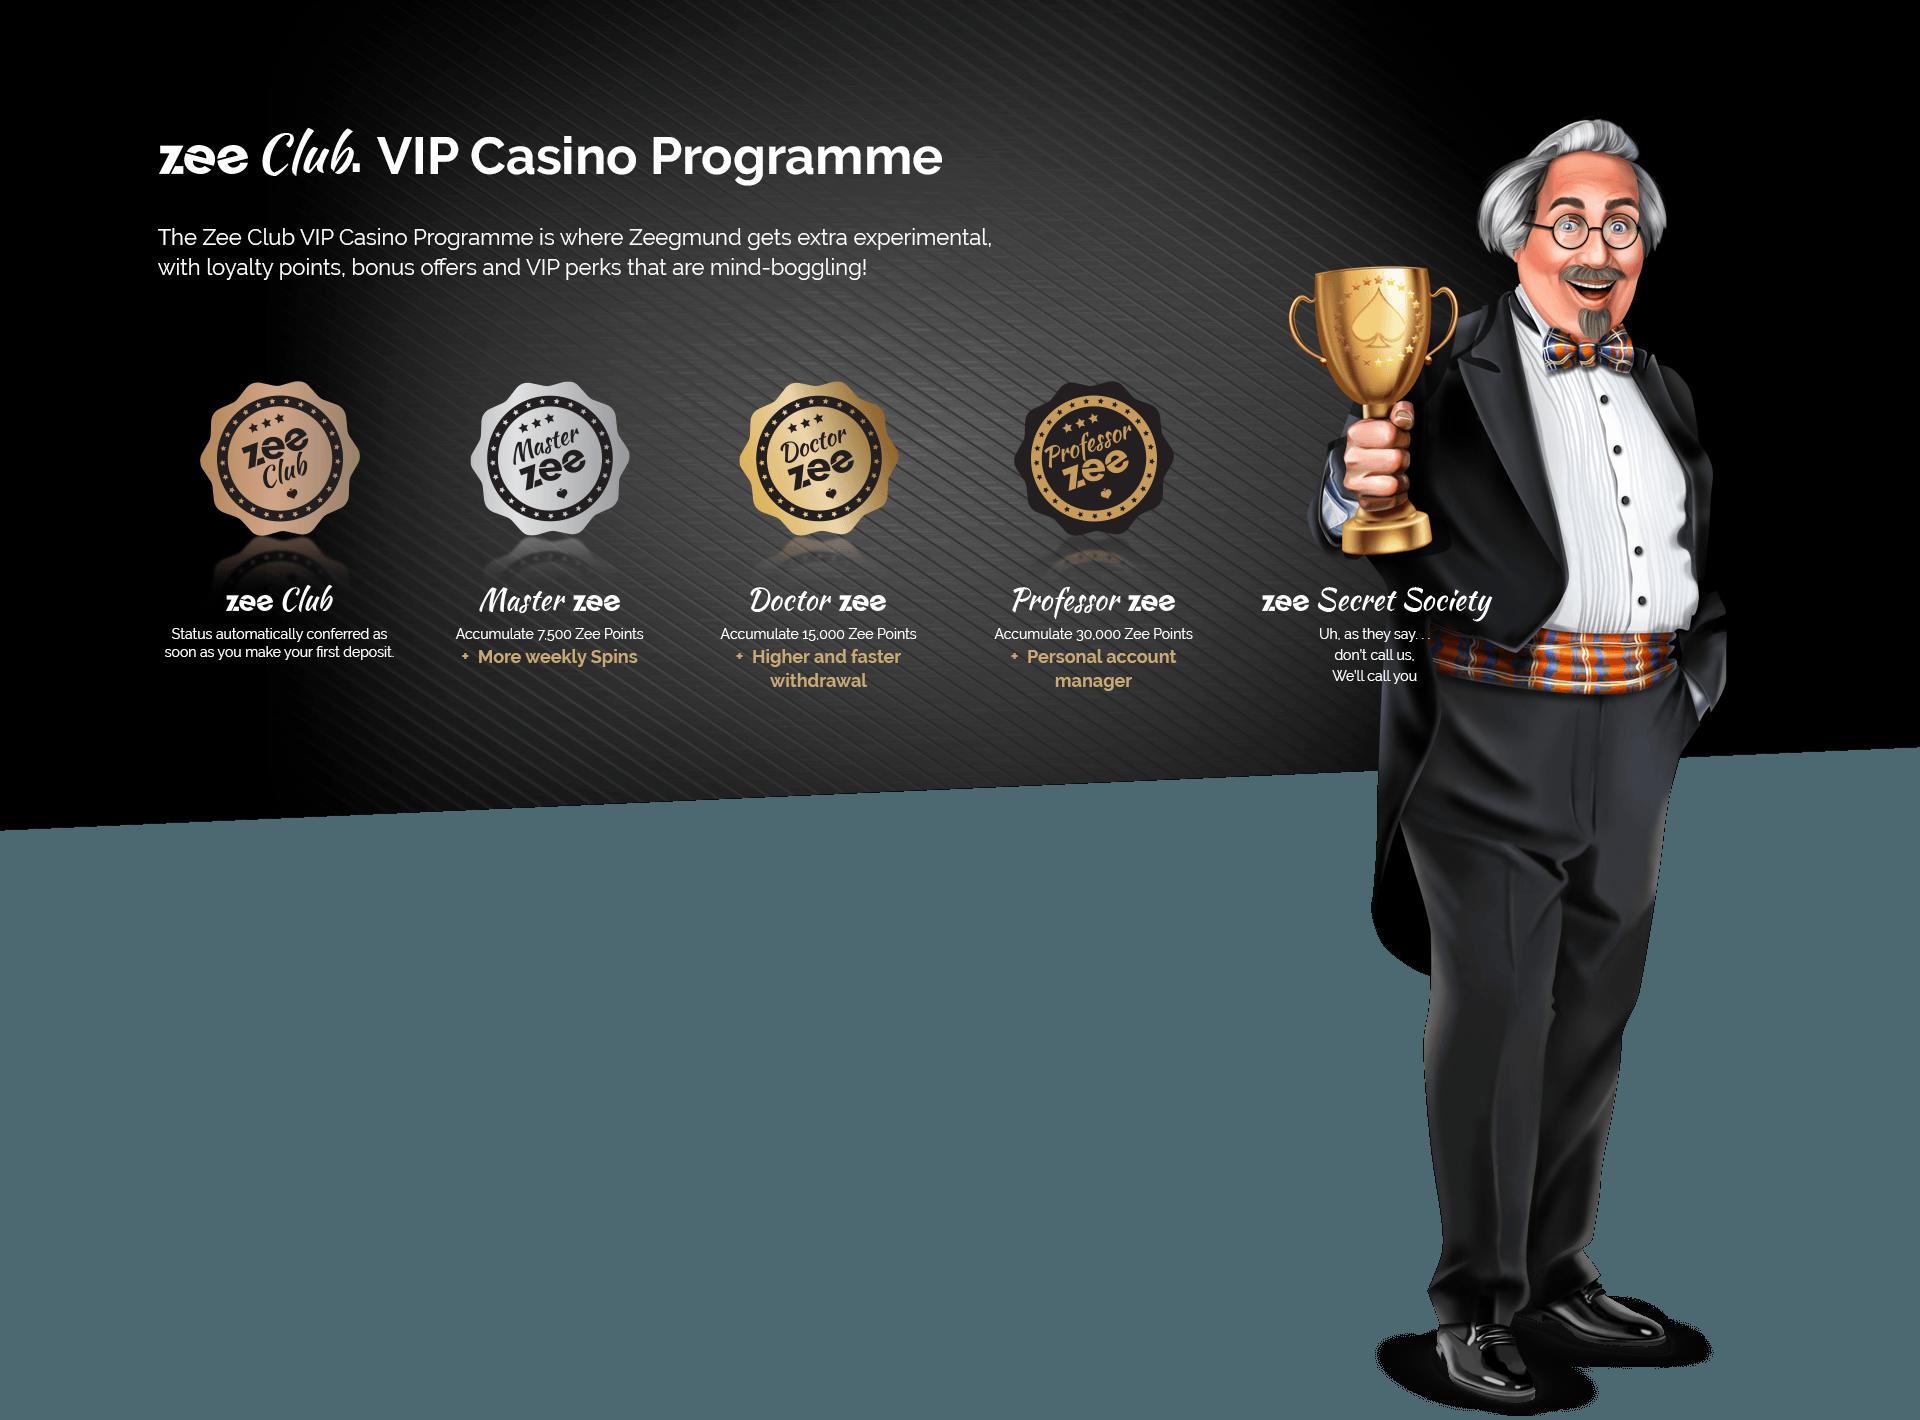 playzee casino rewards program